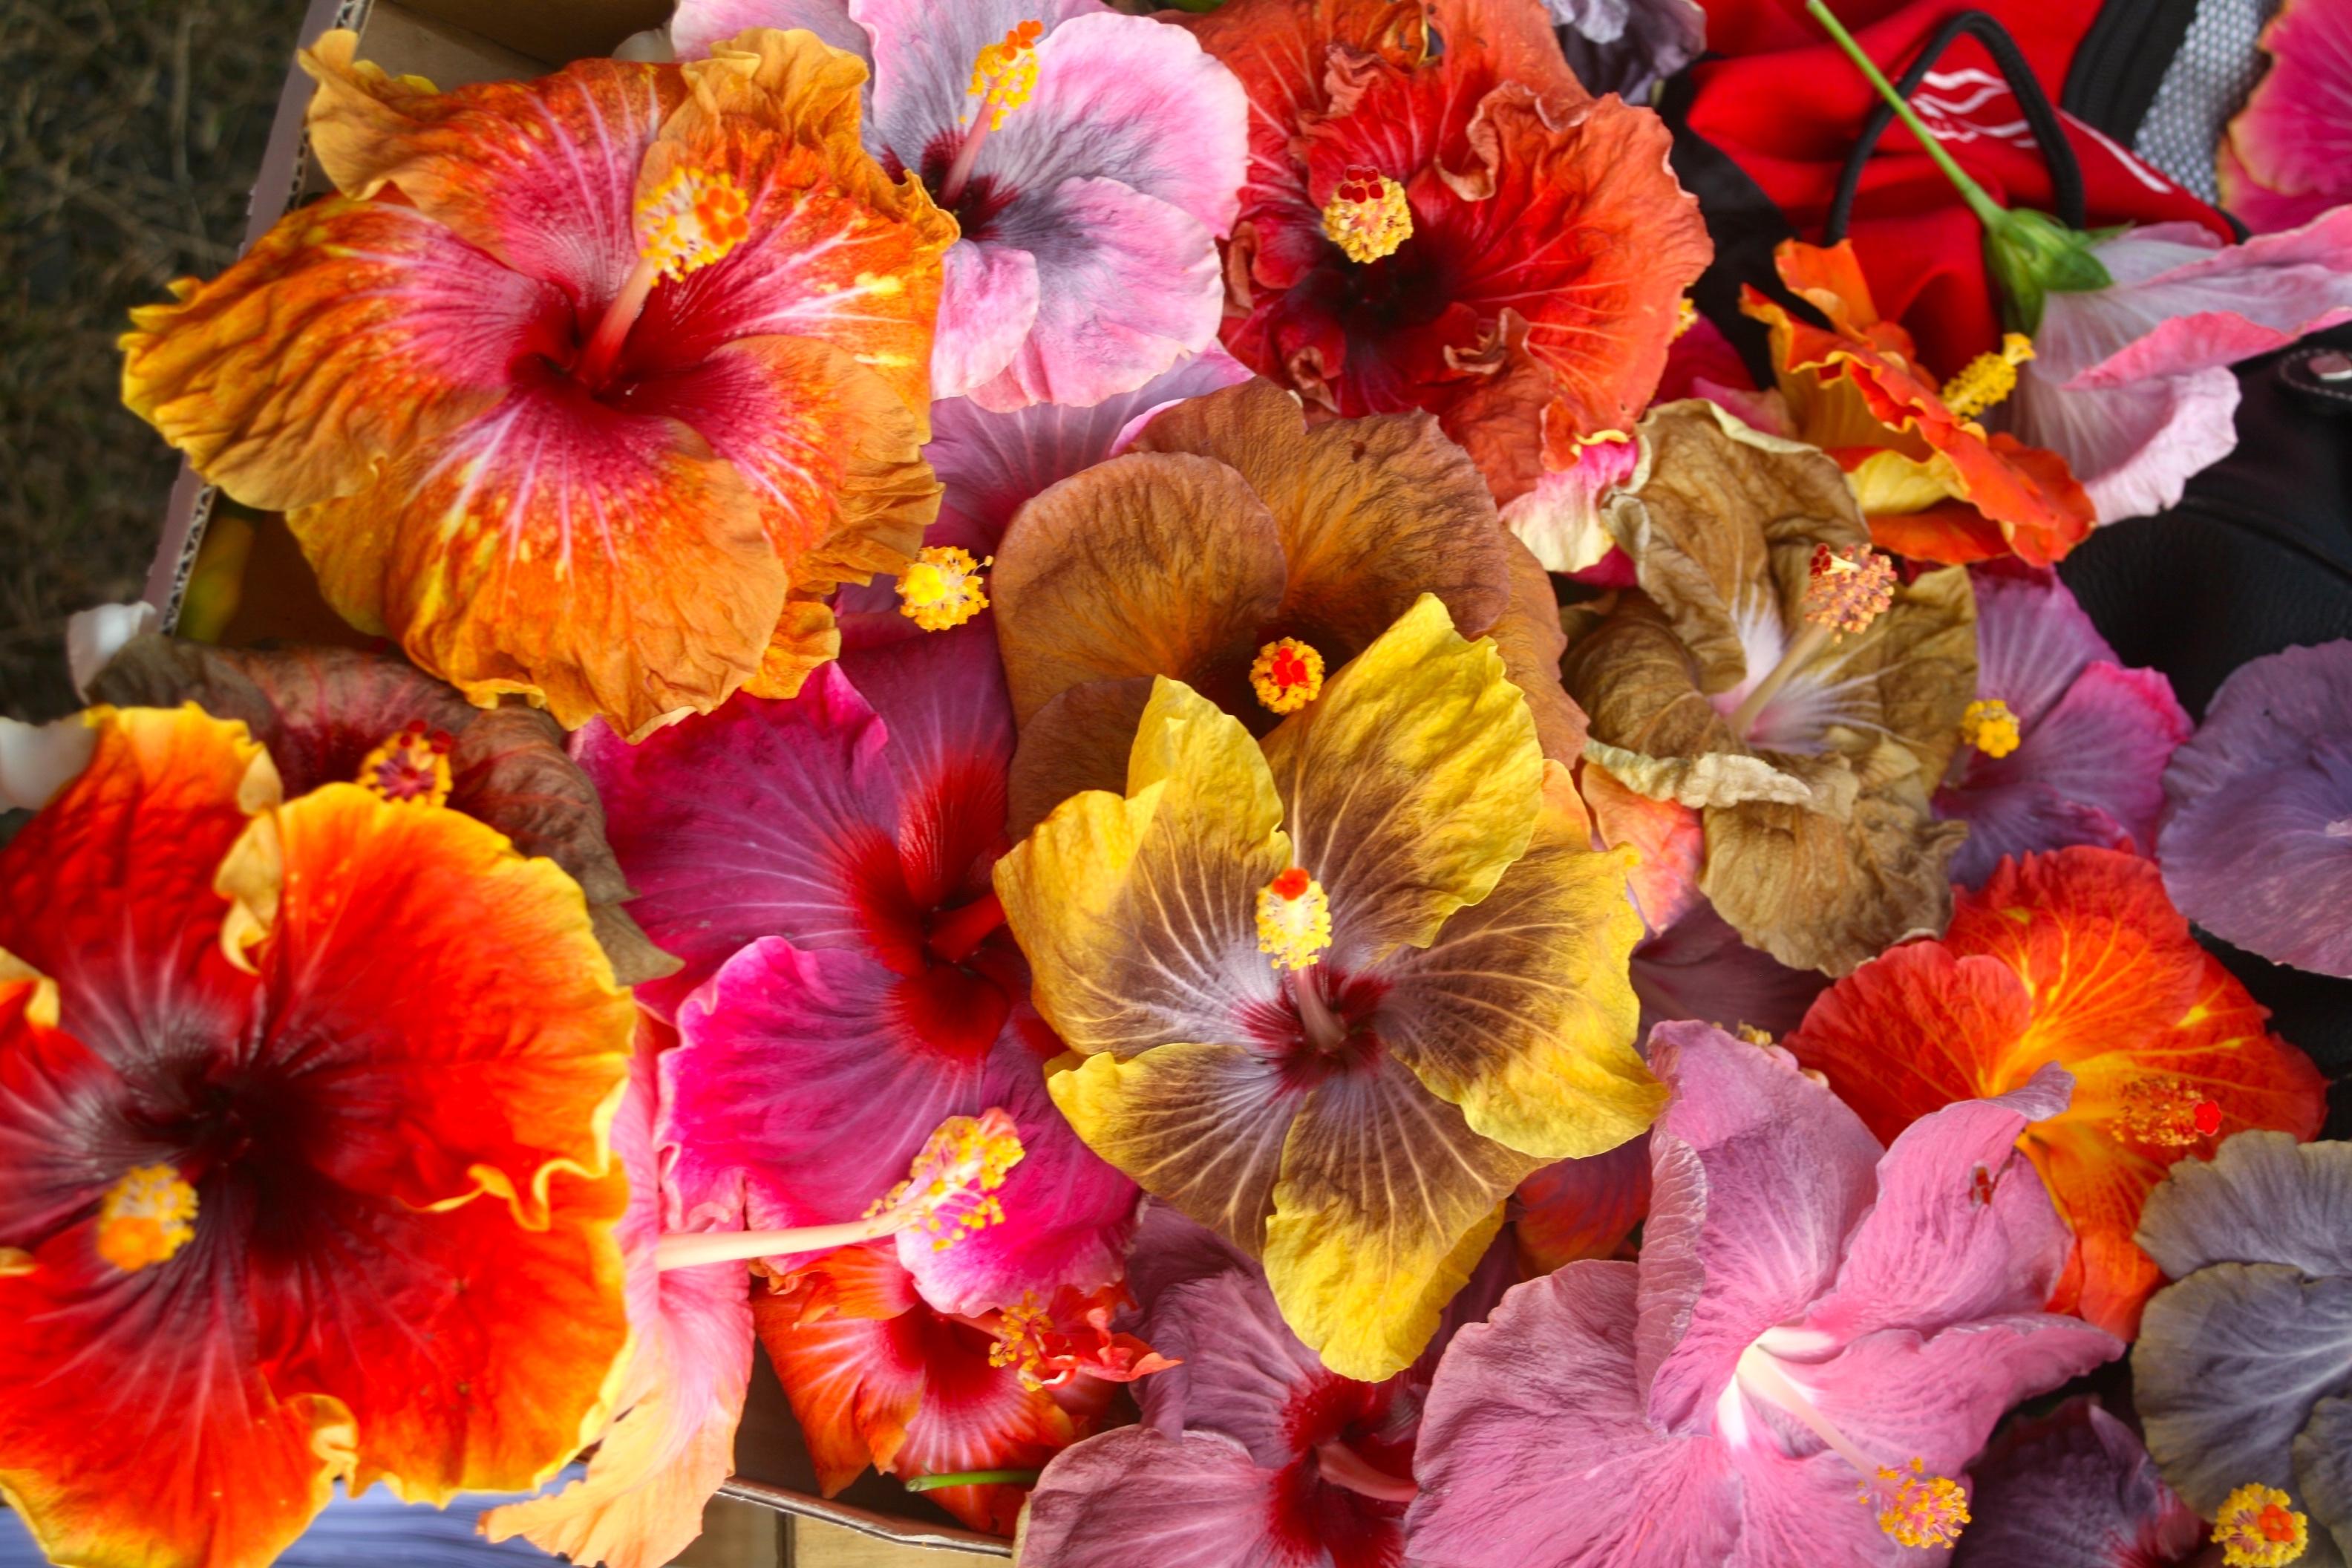 Il existe plus de neuf mille variétés d'hisbiscus dans le monde, plusieurs centaines probablement dans la seule Polynésie française.